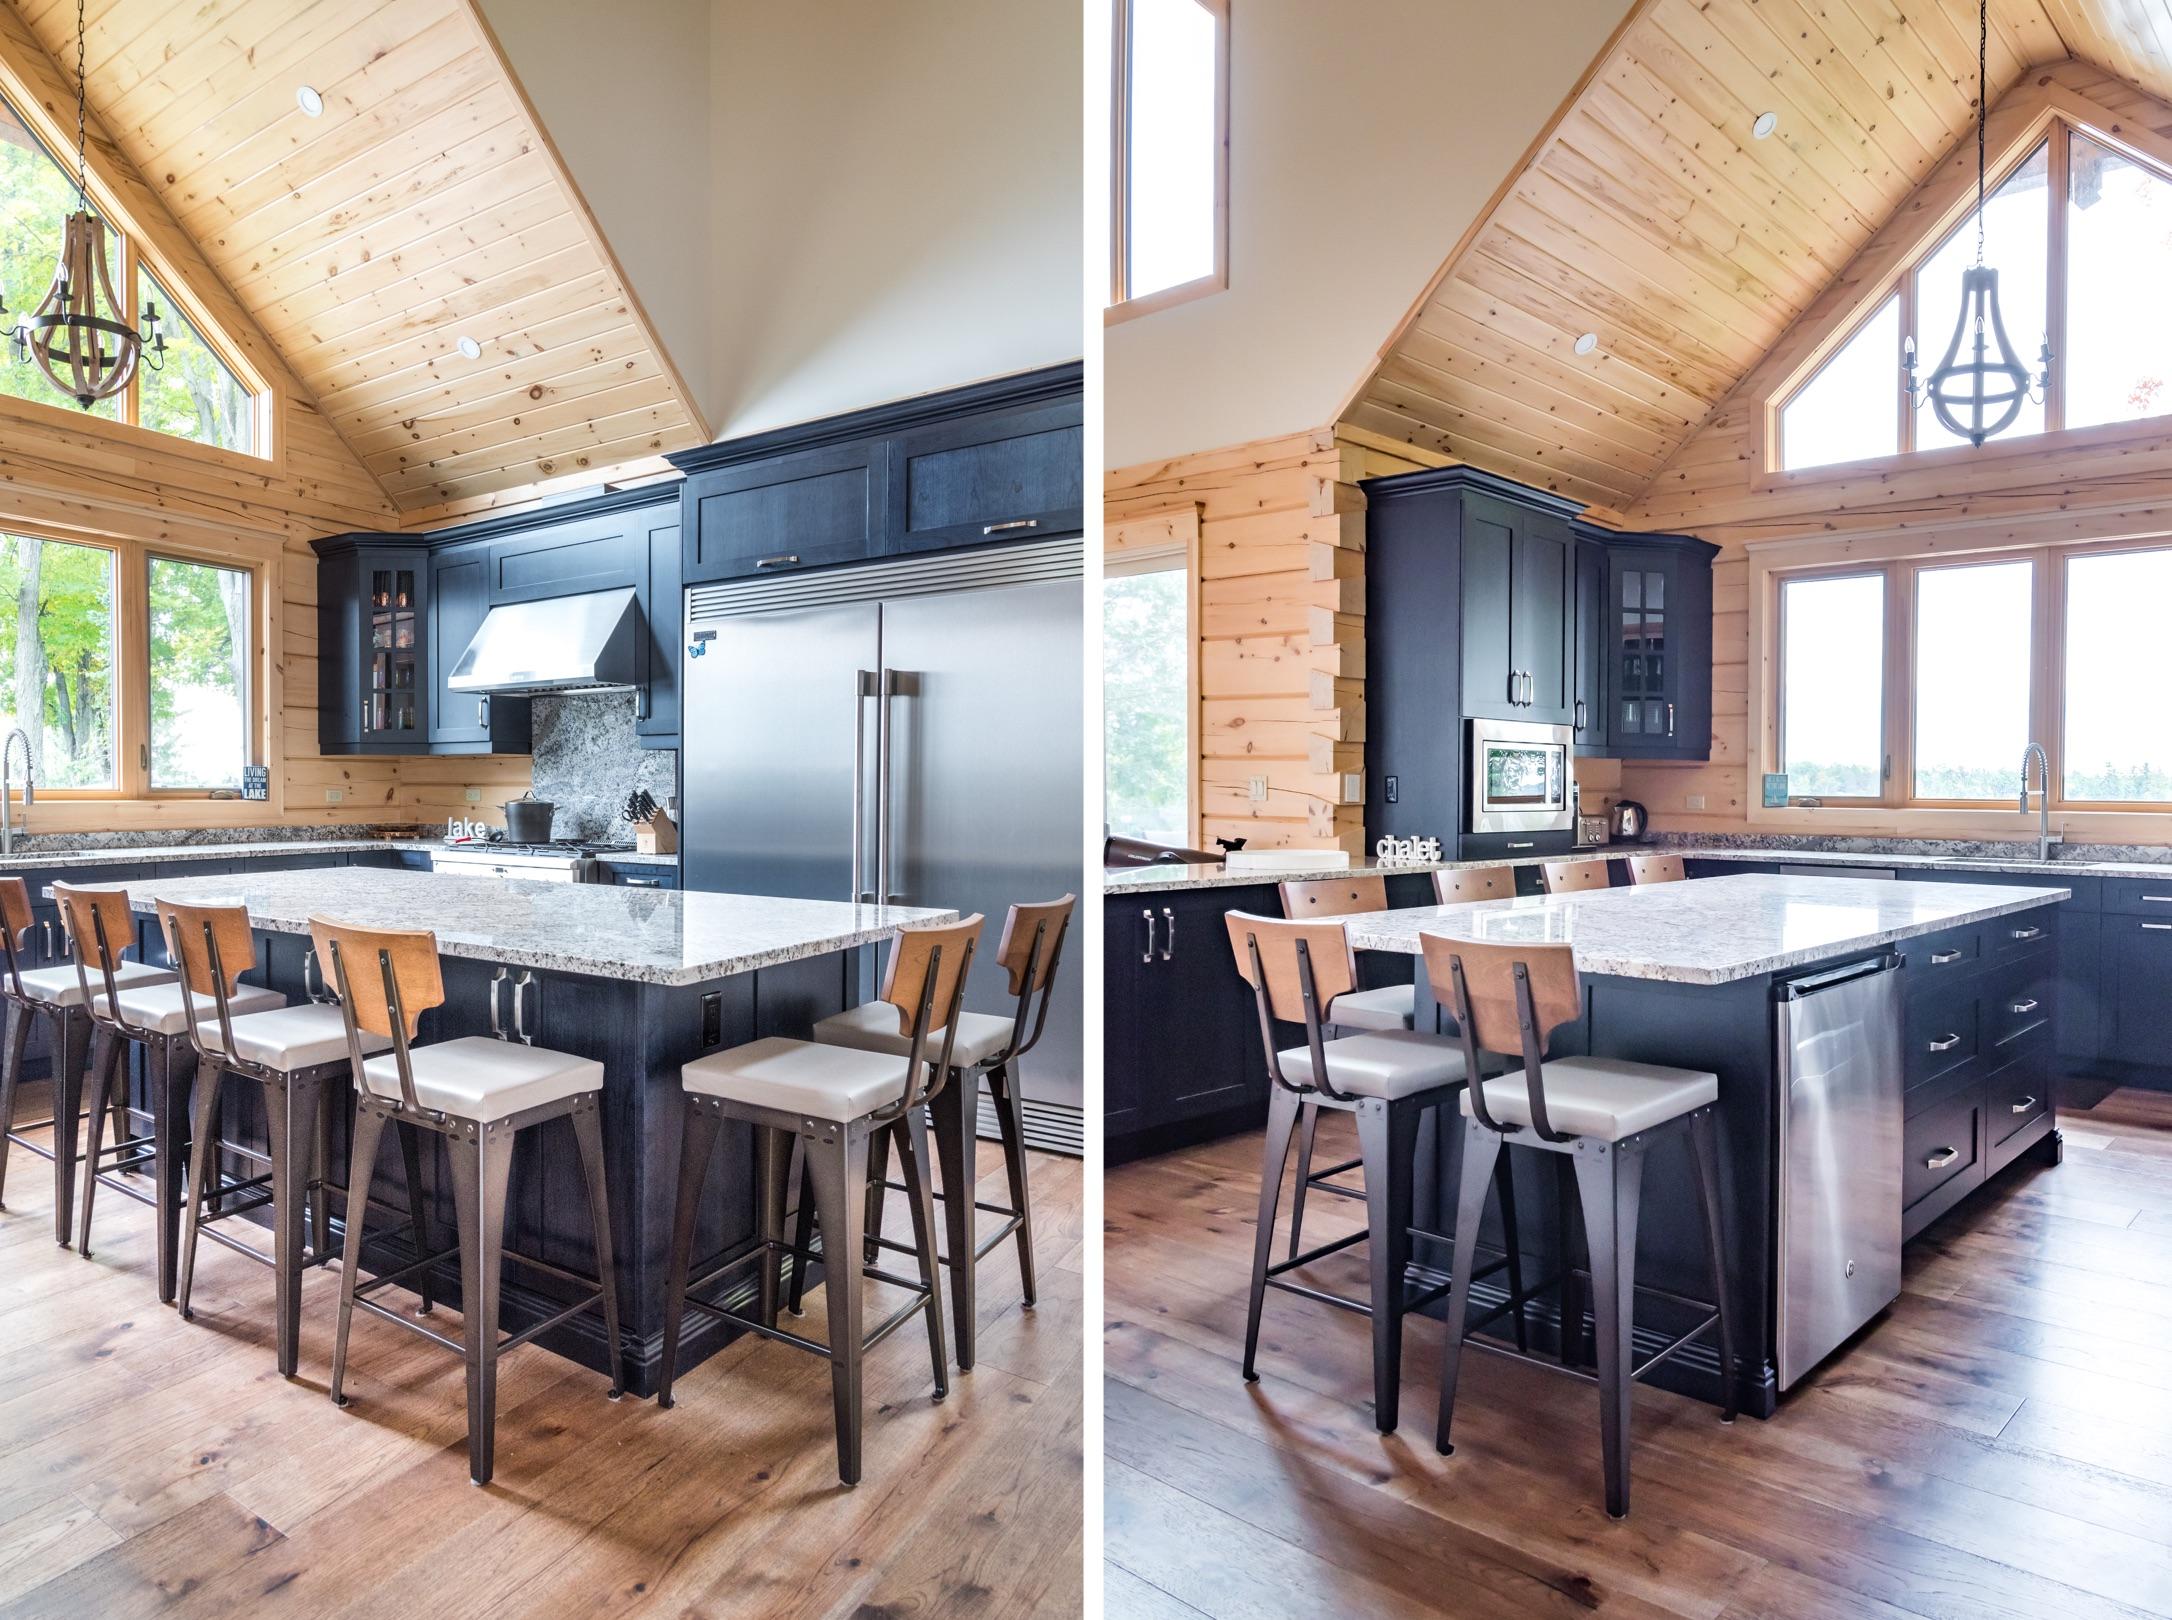 Baksh-kitchen.jpg